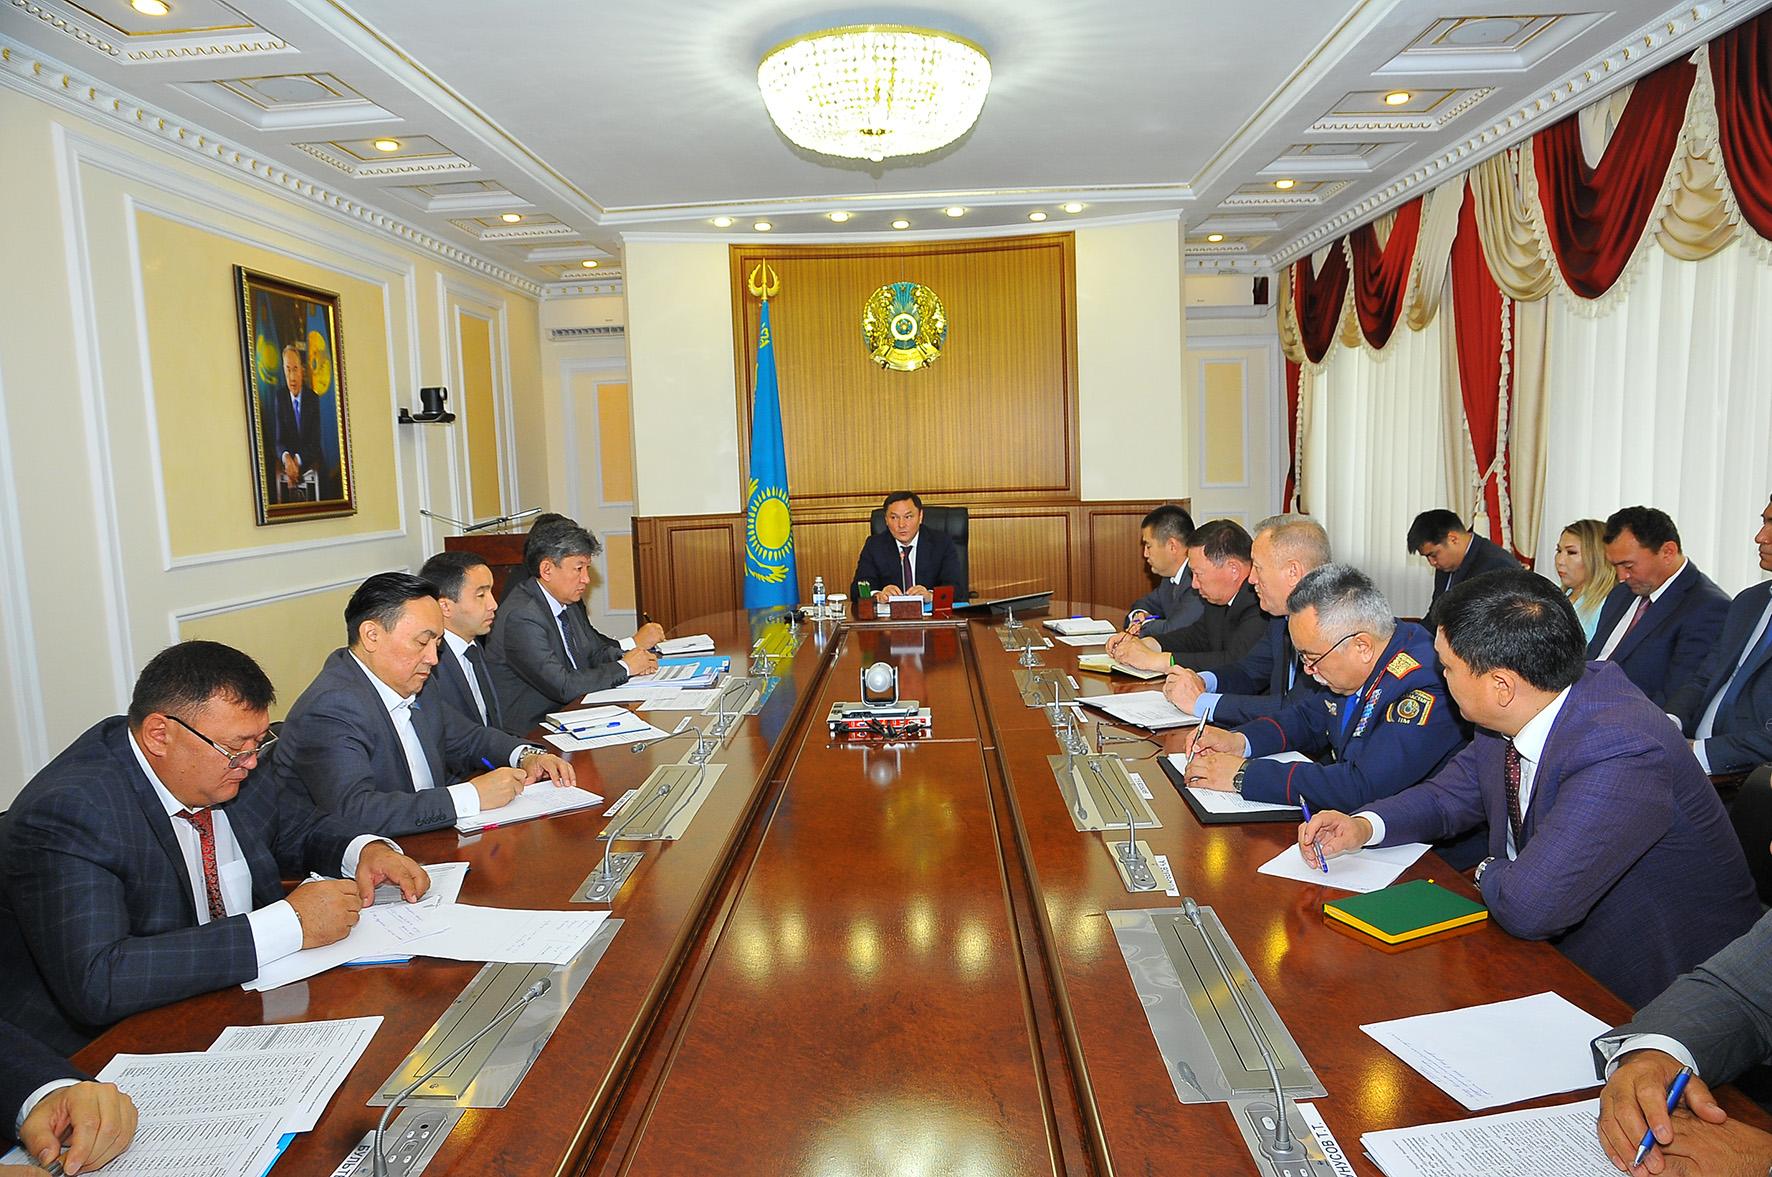 Ақмола облысының әкімі Ермек Маржықпаев:  «Үкімет басшысы нақтылы міндеттер қойды. Біз – орындауға тиістіміз!»